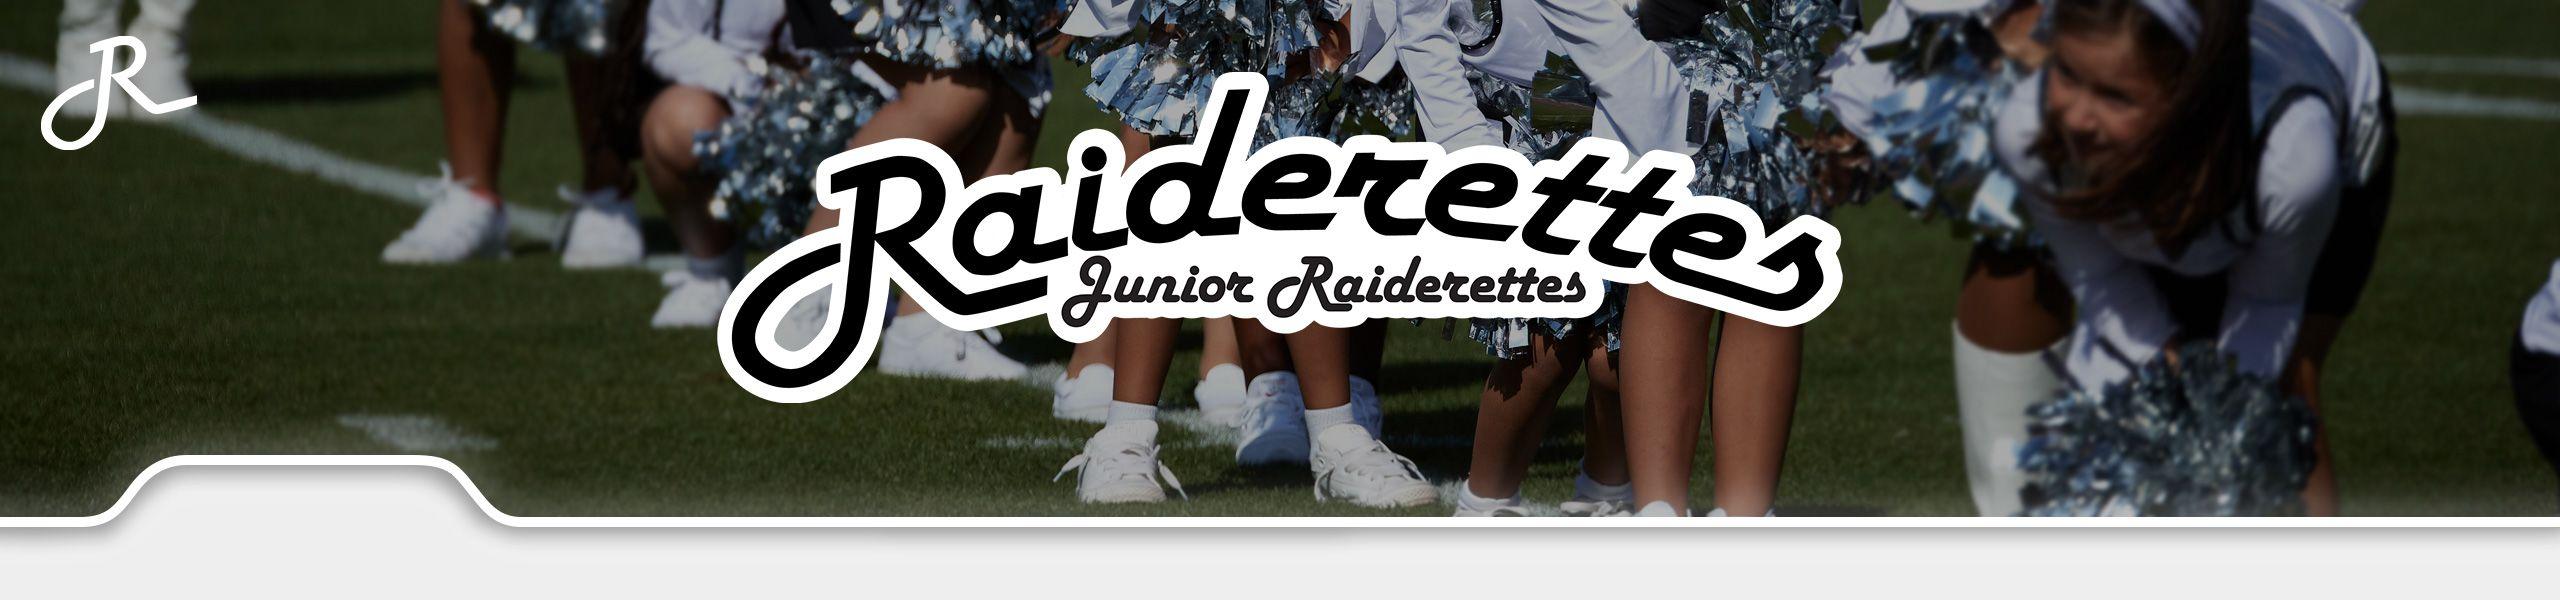 raiderettes-juniors-hdr-2020